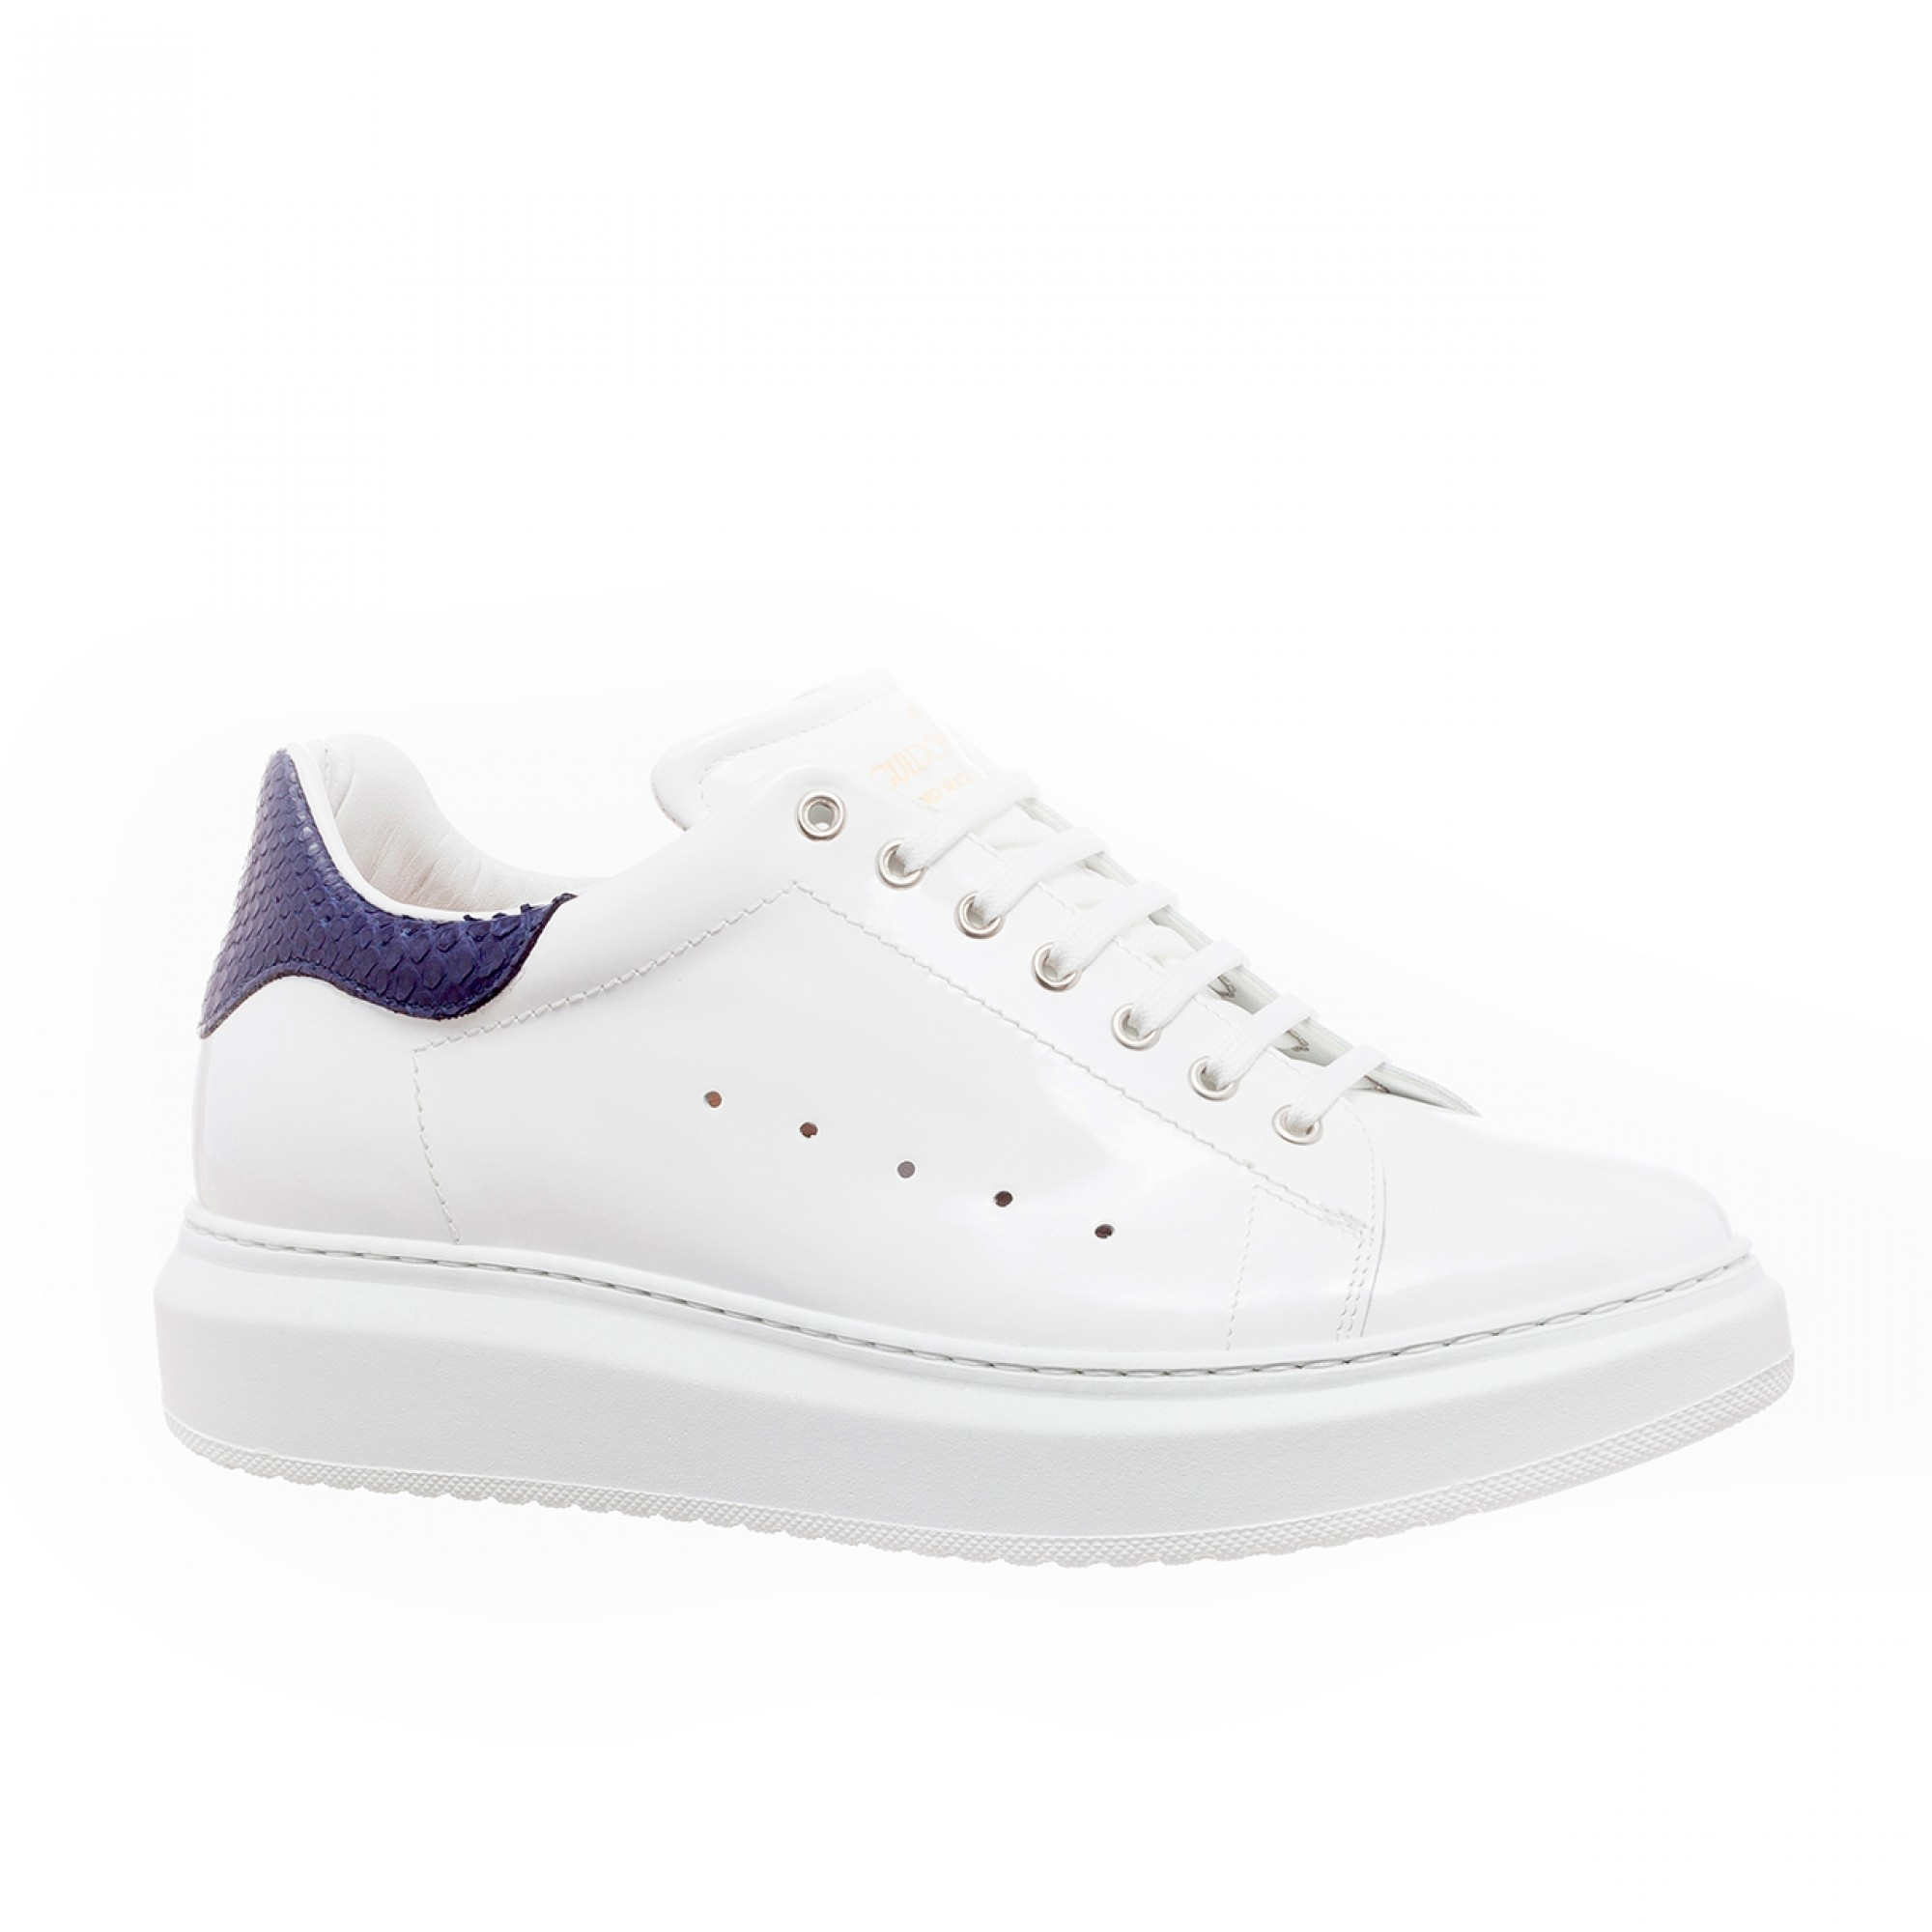 scarpe da tennis rialzanti